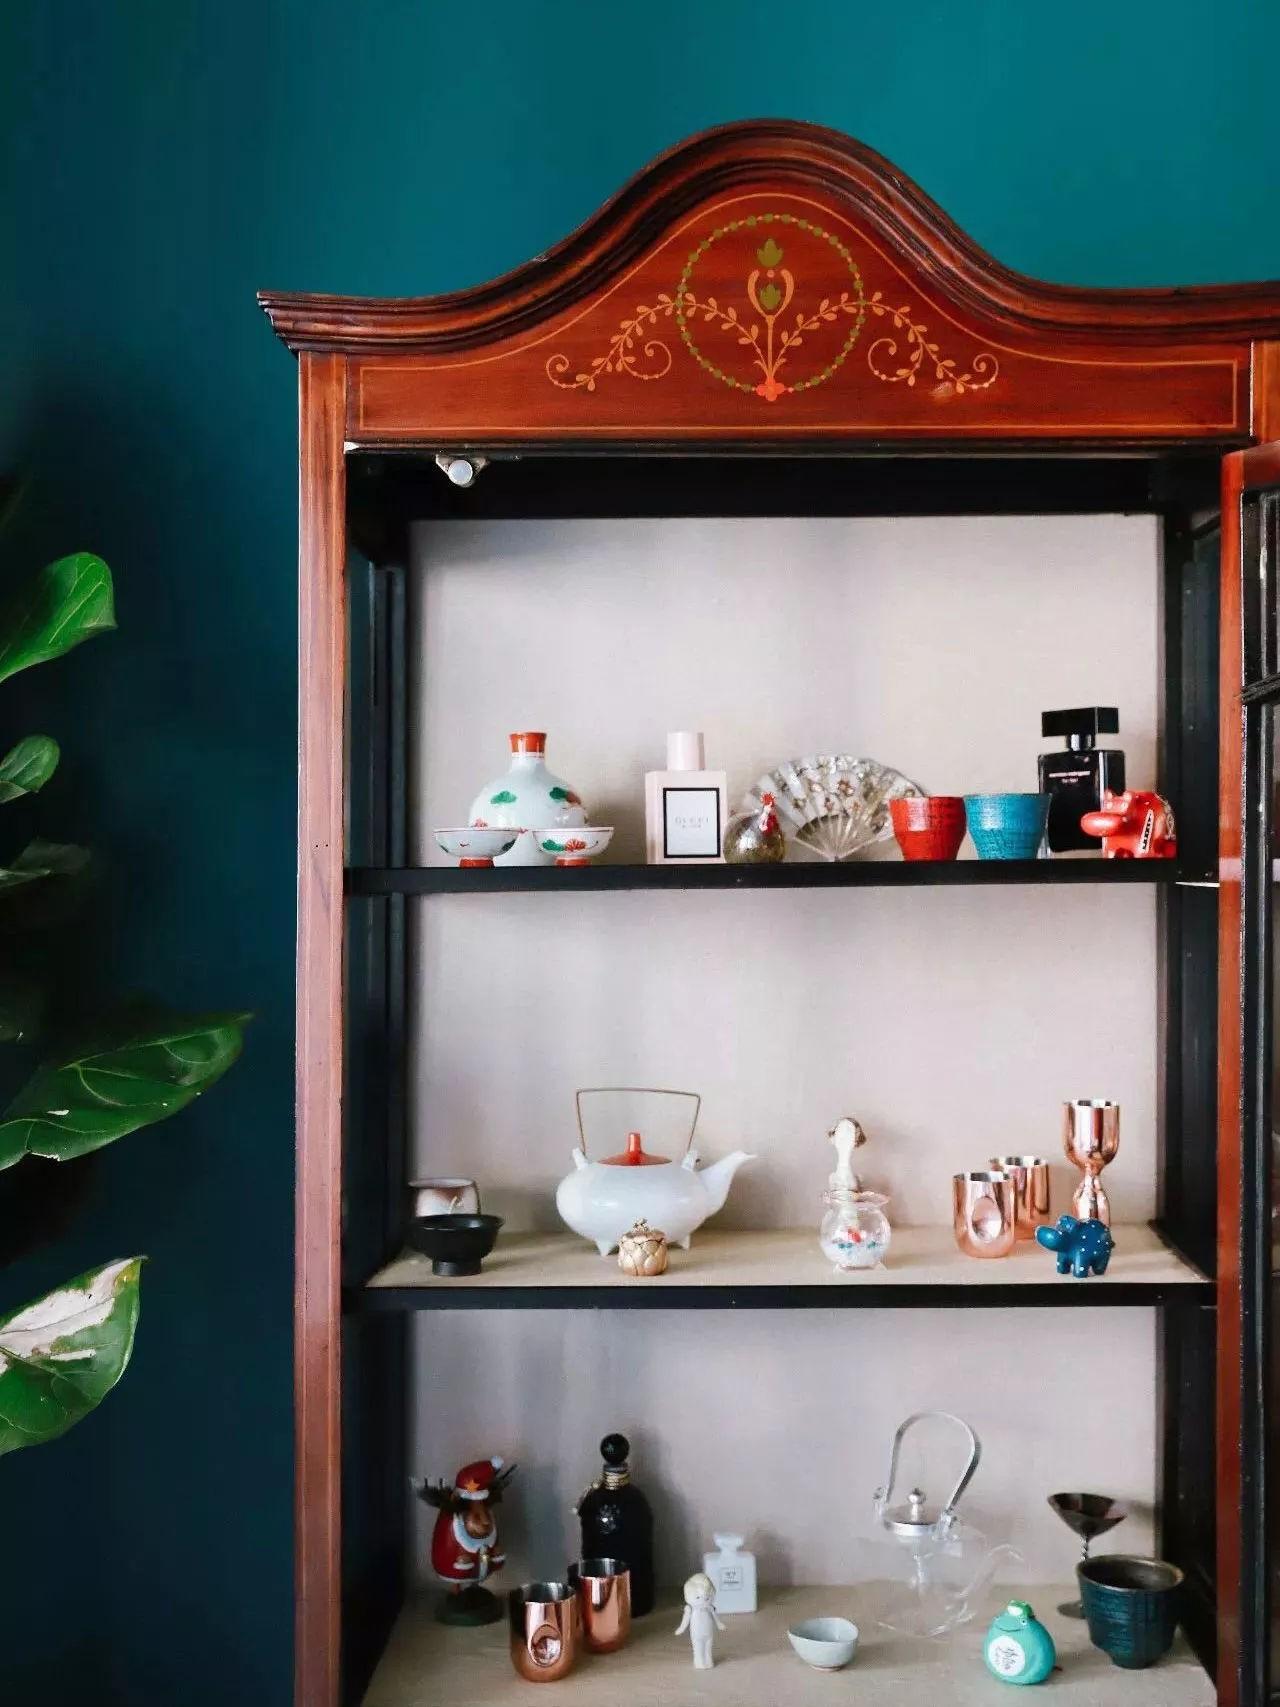 Cách bố trí các đồ trang trí nội thất theo một phong cách rất dễ thương